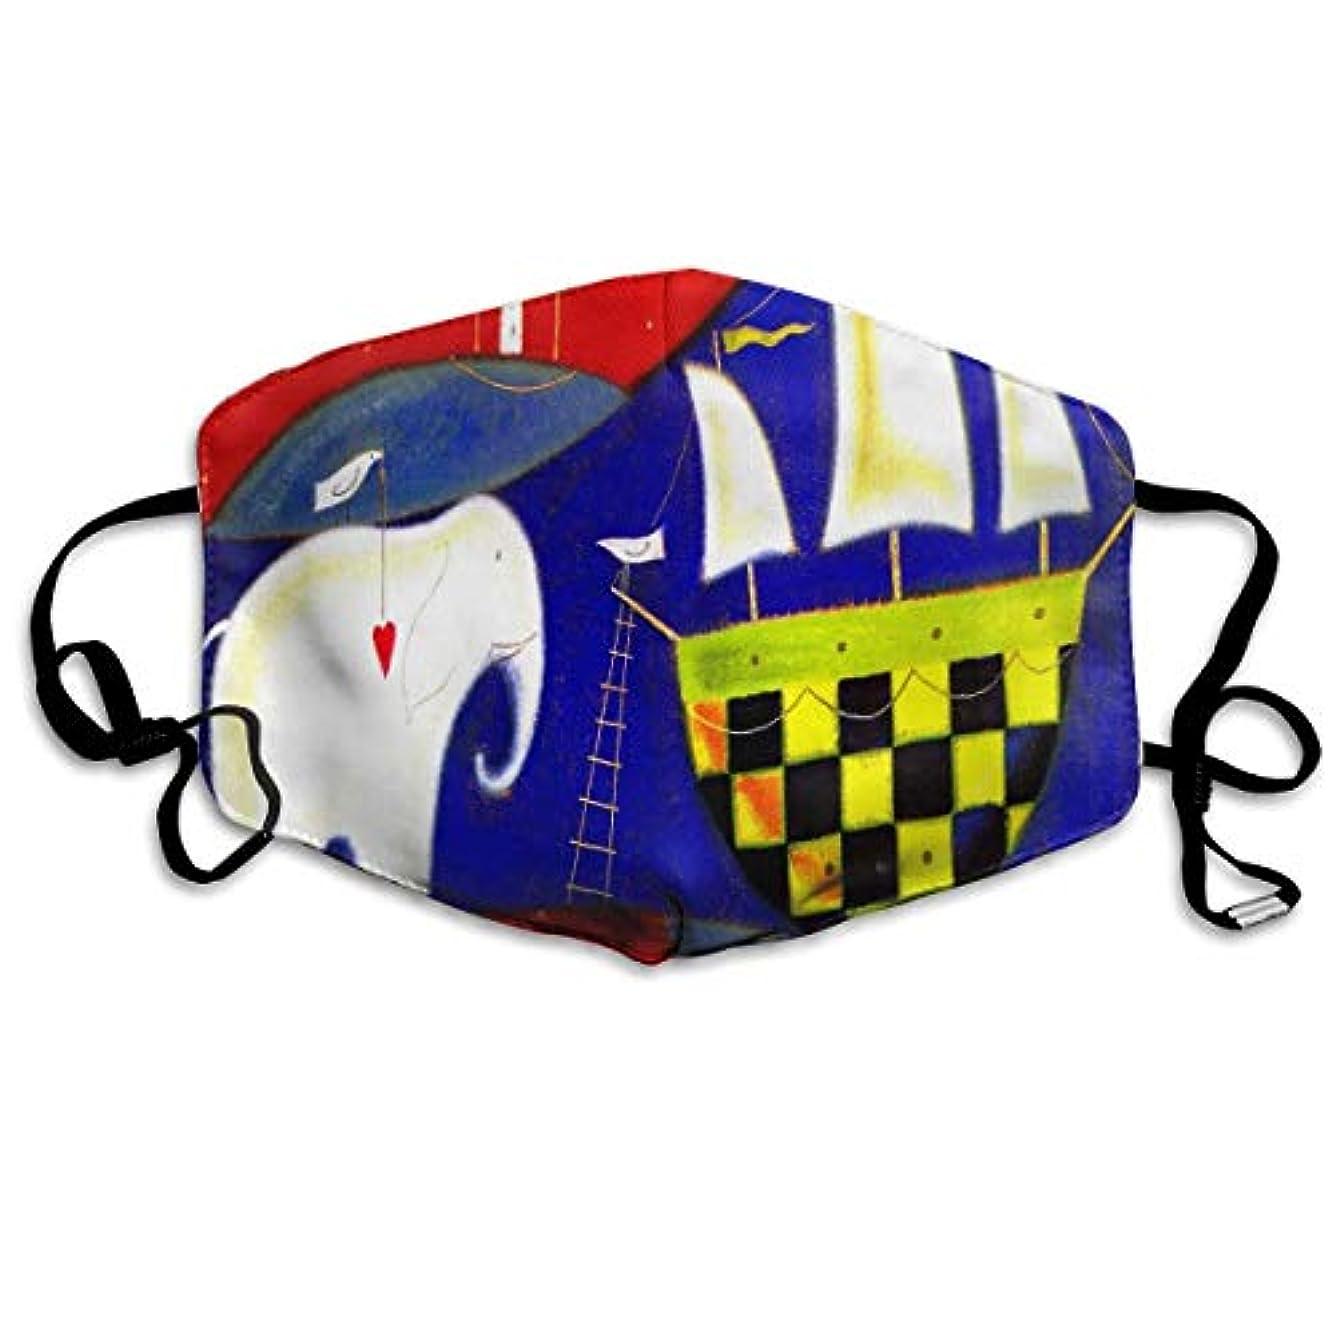 備品トリップセンチメートルMorningligh 象 船 カラフル マスク 使い捨てマスク ファッションマスク 個別包装 まとめ買い 防災 避難 緊急 抗菌 花粉症予防 風邪予防 男女兼用 健康を守るため